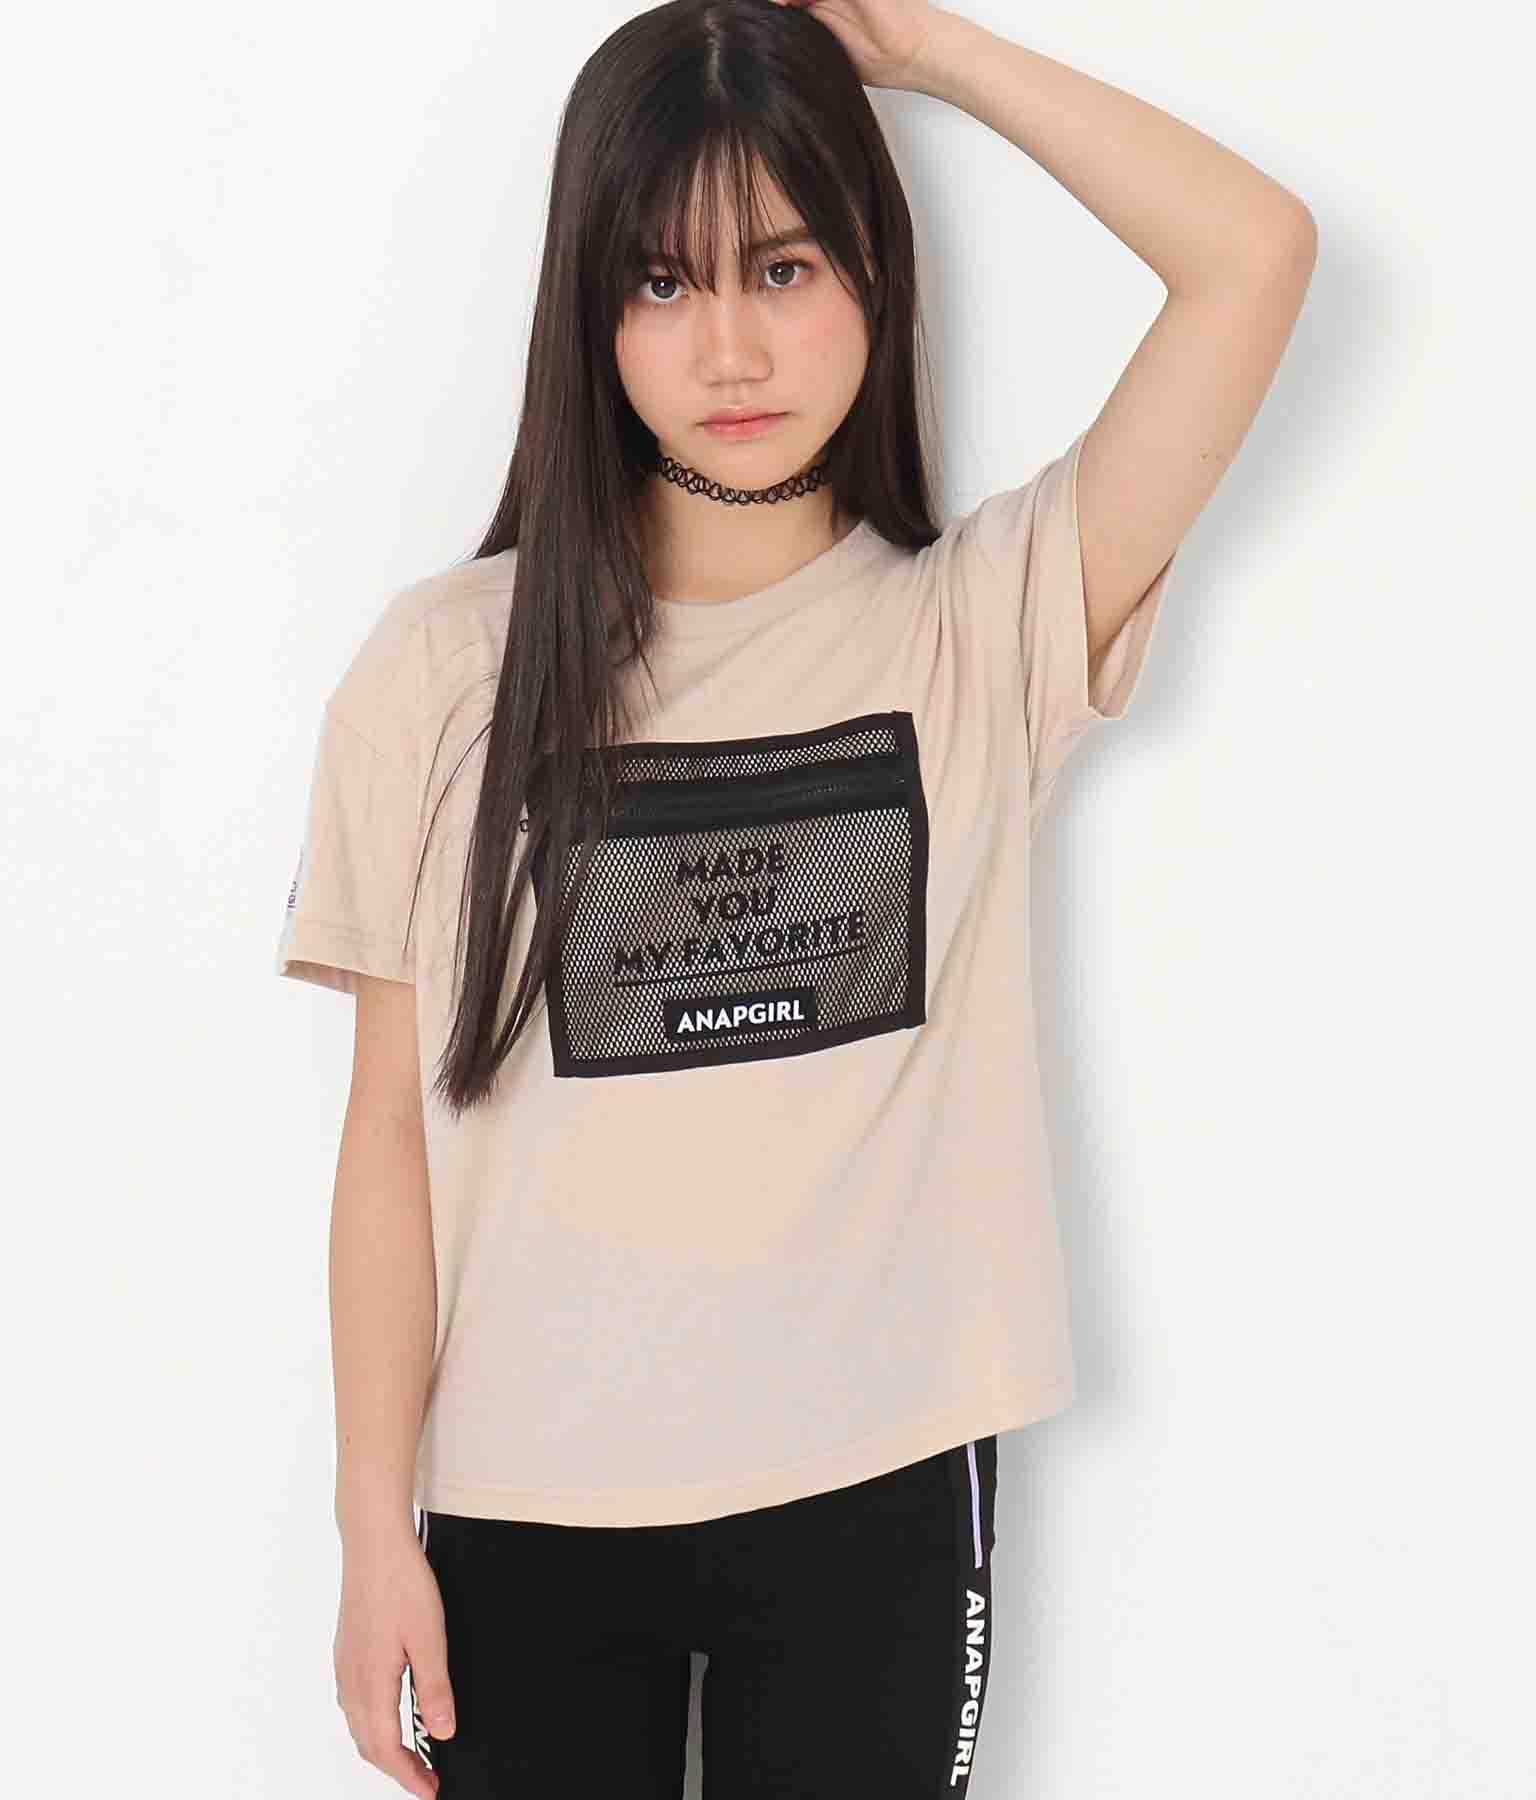 メッシュポケット付Tシャツ(トップス/Tシャツ) | ANAP GiRL